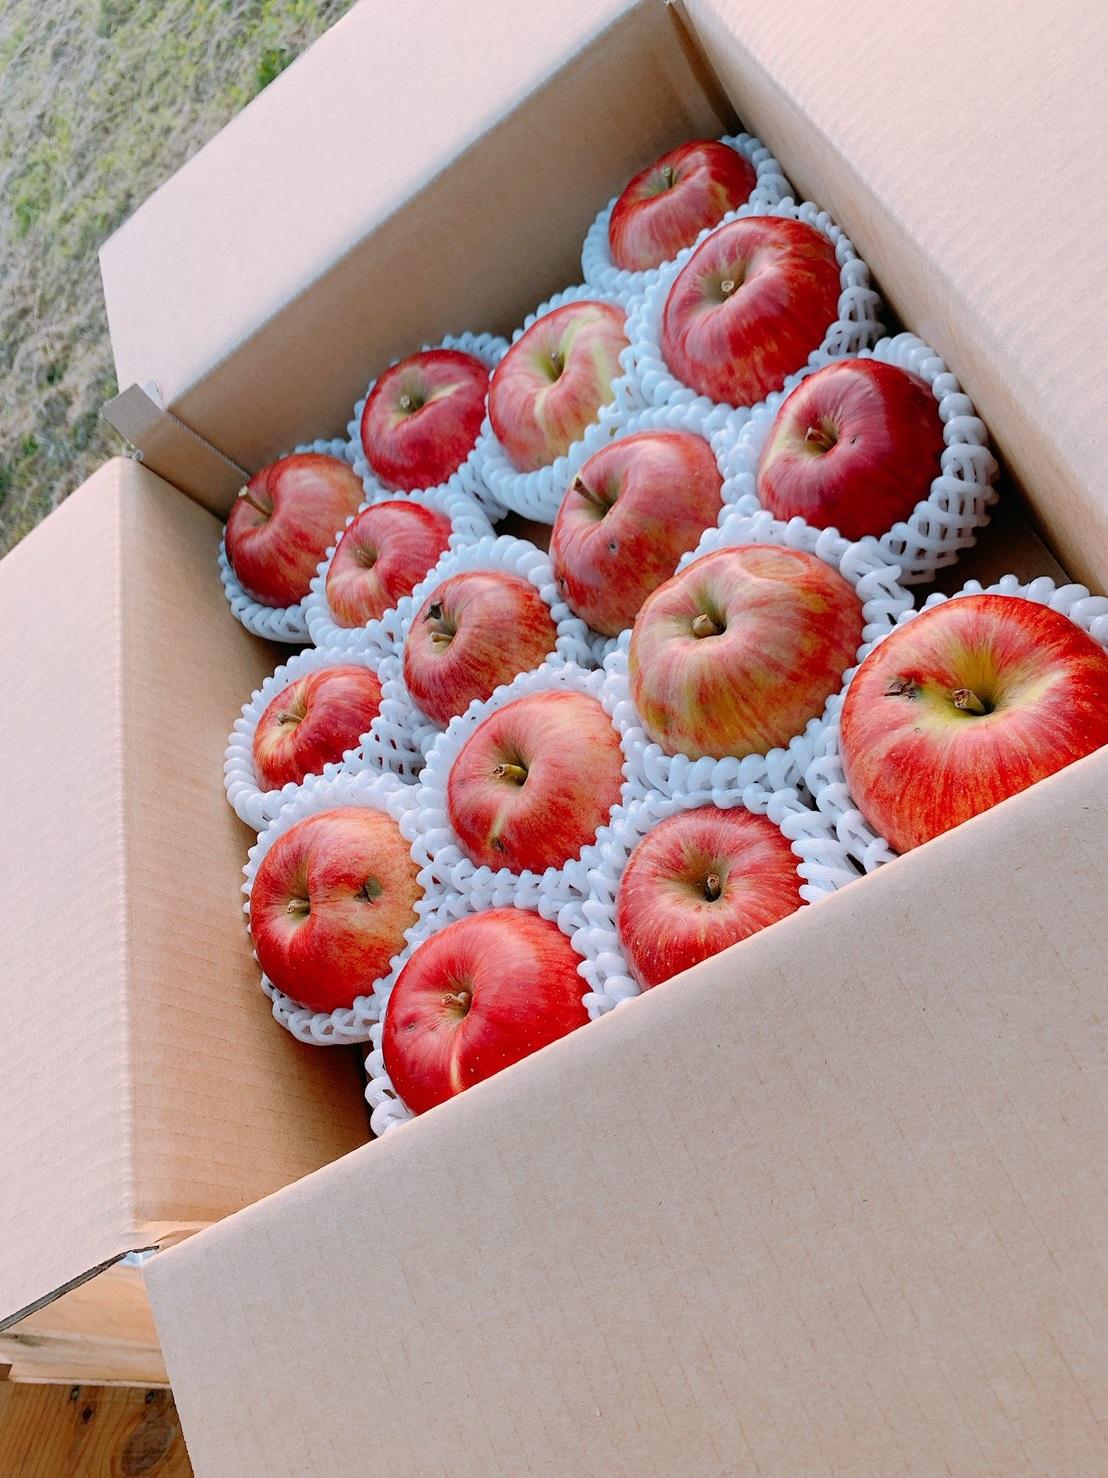 果樹園ポムの木 幸せの赤いりんご🍎5kg(16~20個)